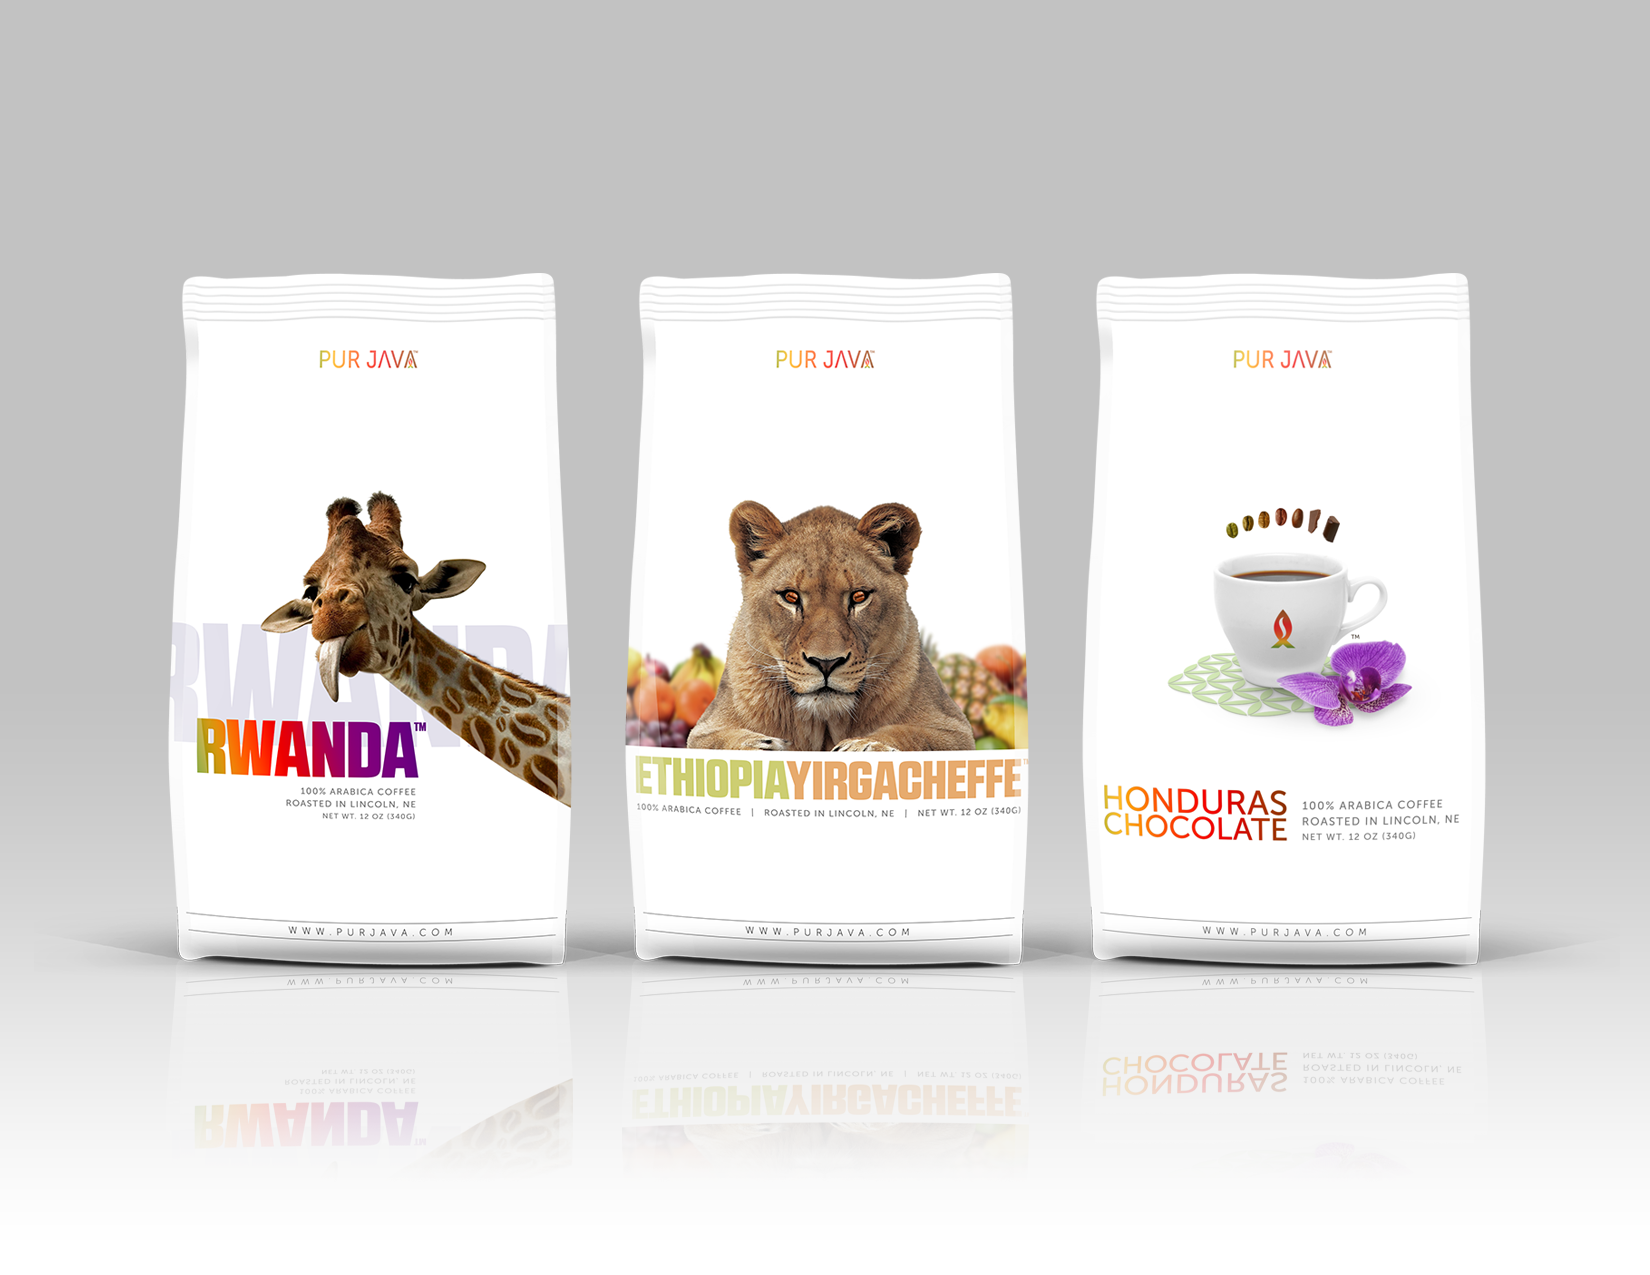 Pur Java Coffee Bage Designs